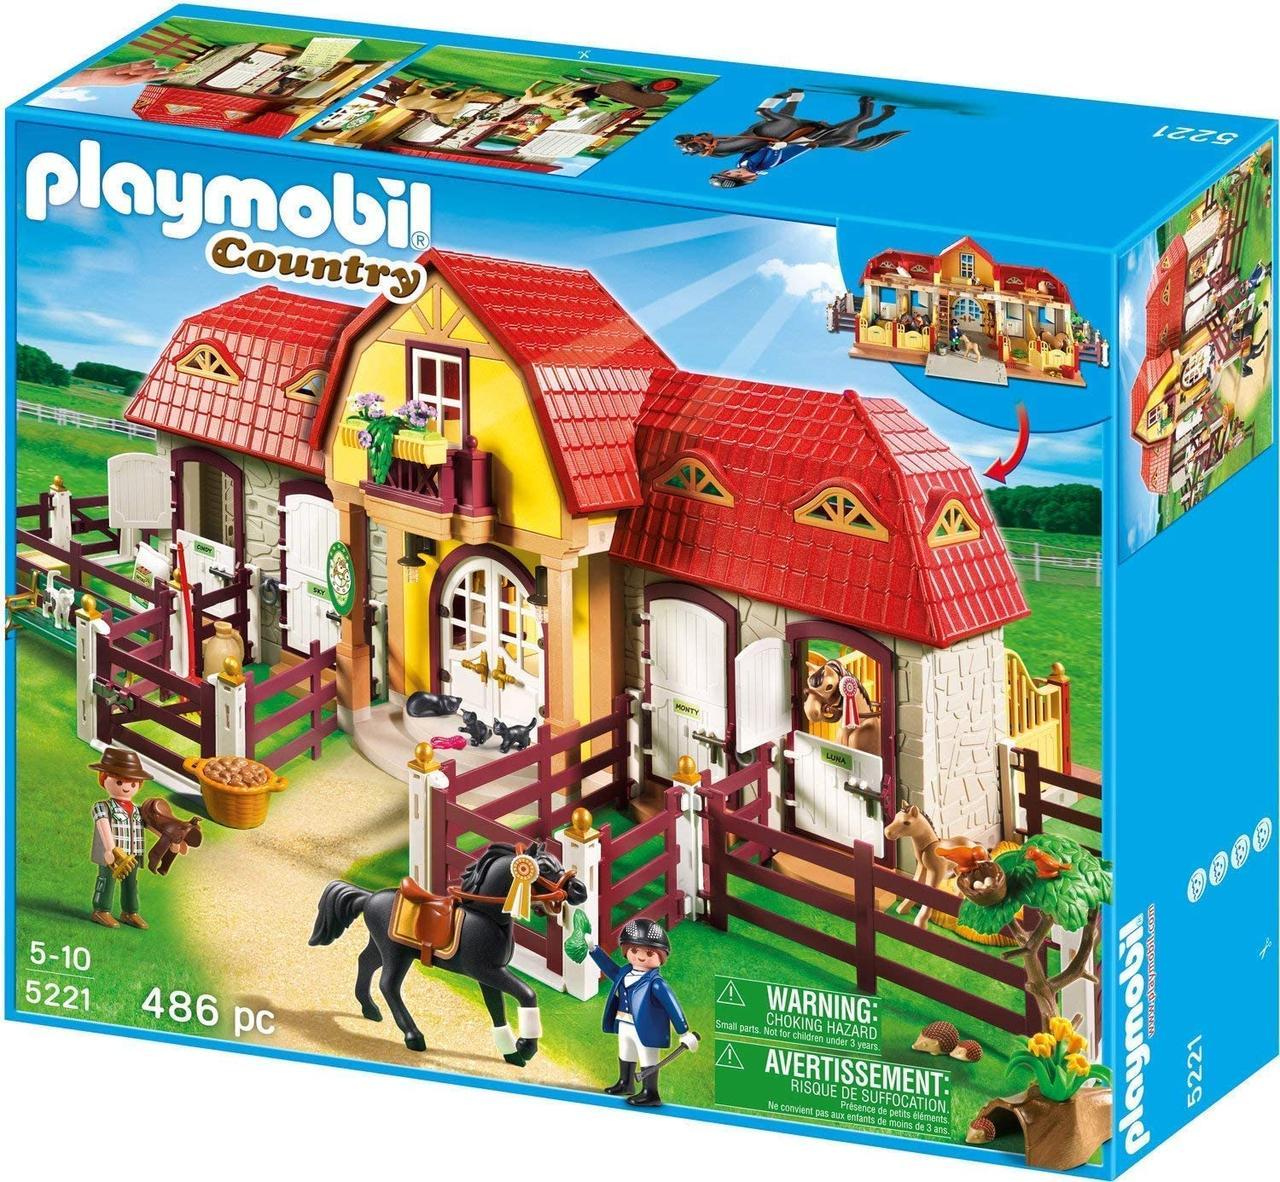 Плеймобил Конный завод с лошадьми и загоном  Playmobil Country Large Toy Set with Paddocks 5221